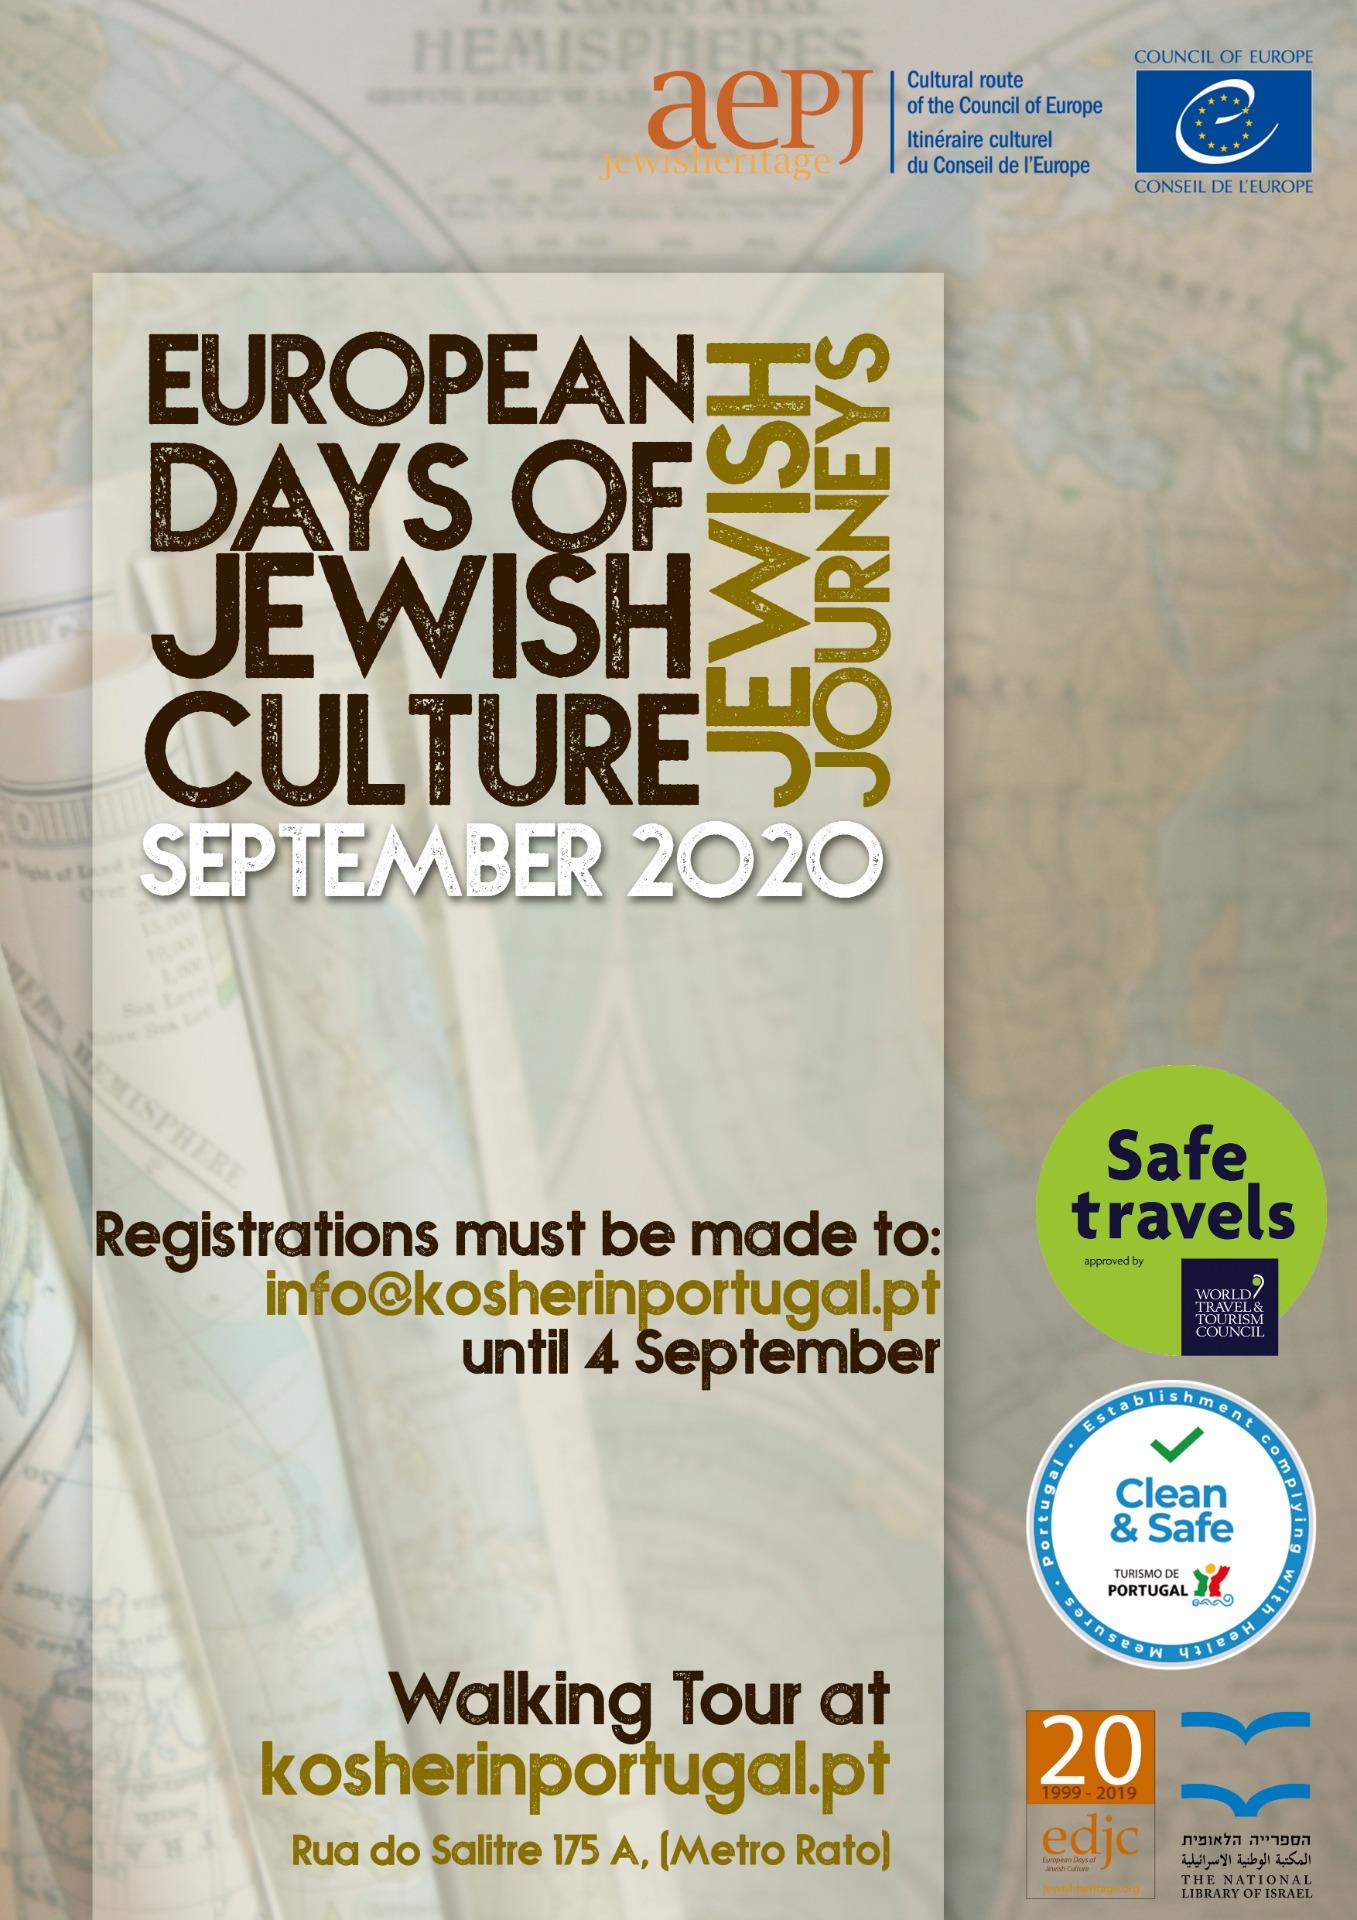 kosher-in-portugal-walking-tours-lisbon-jewish-heritage